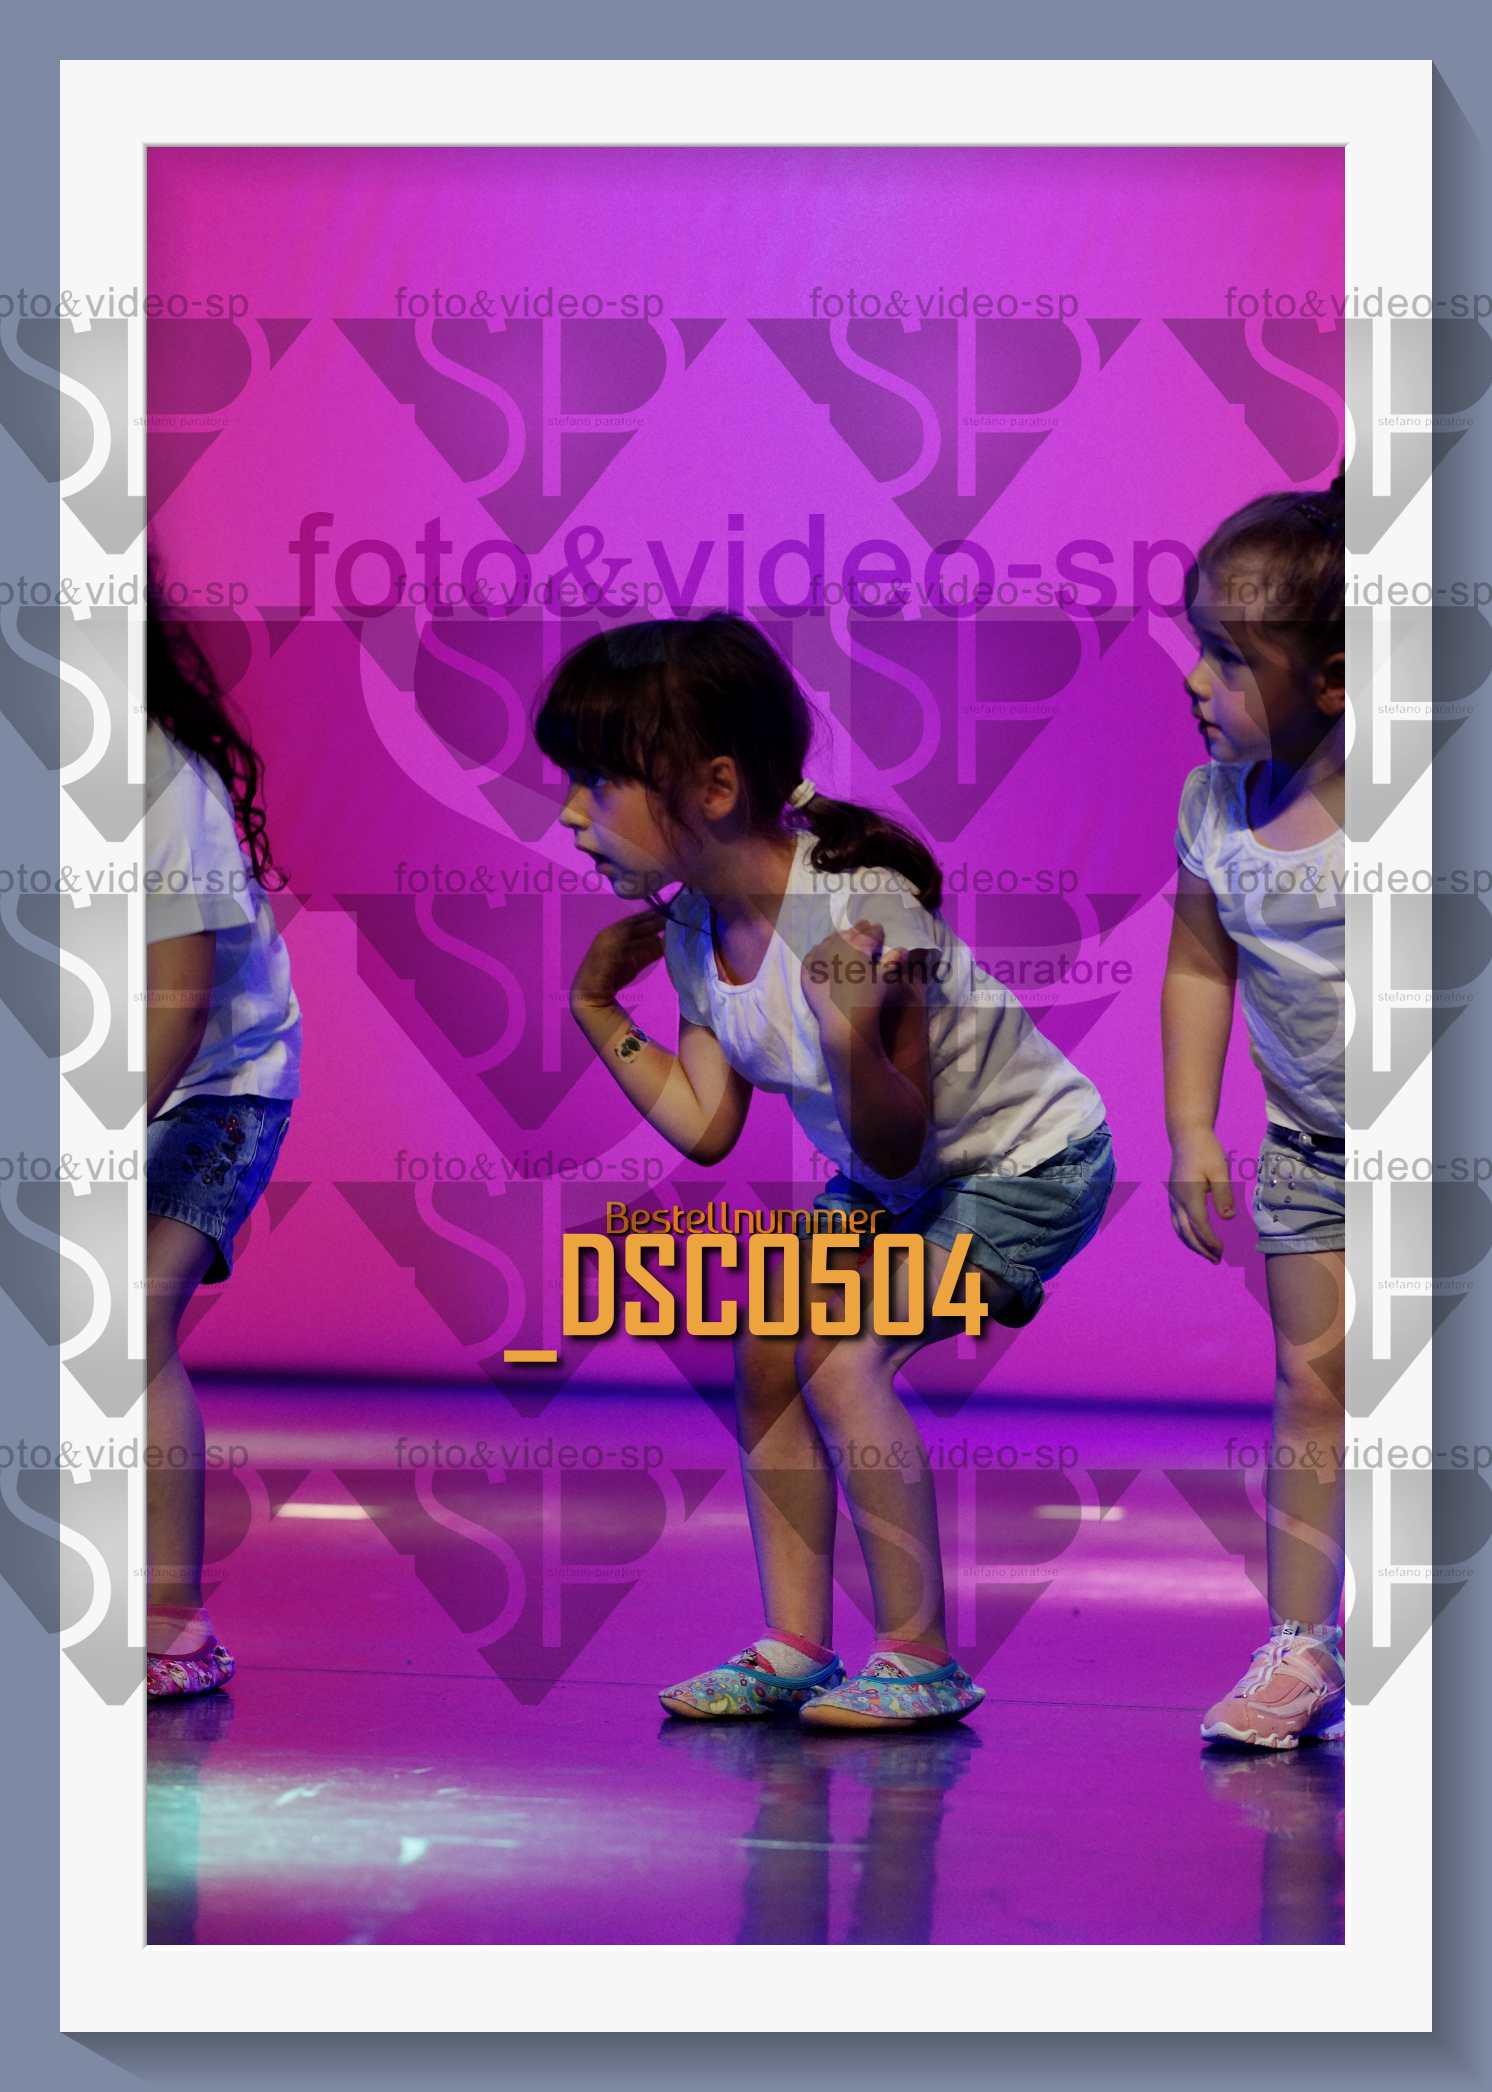 DSC0504